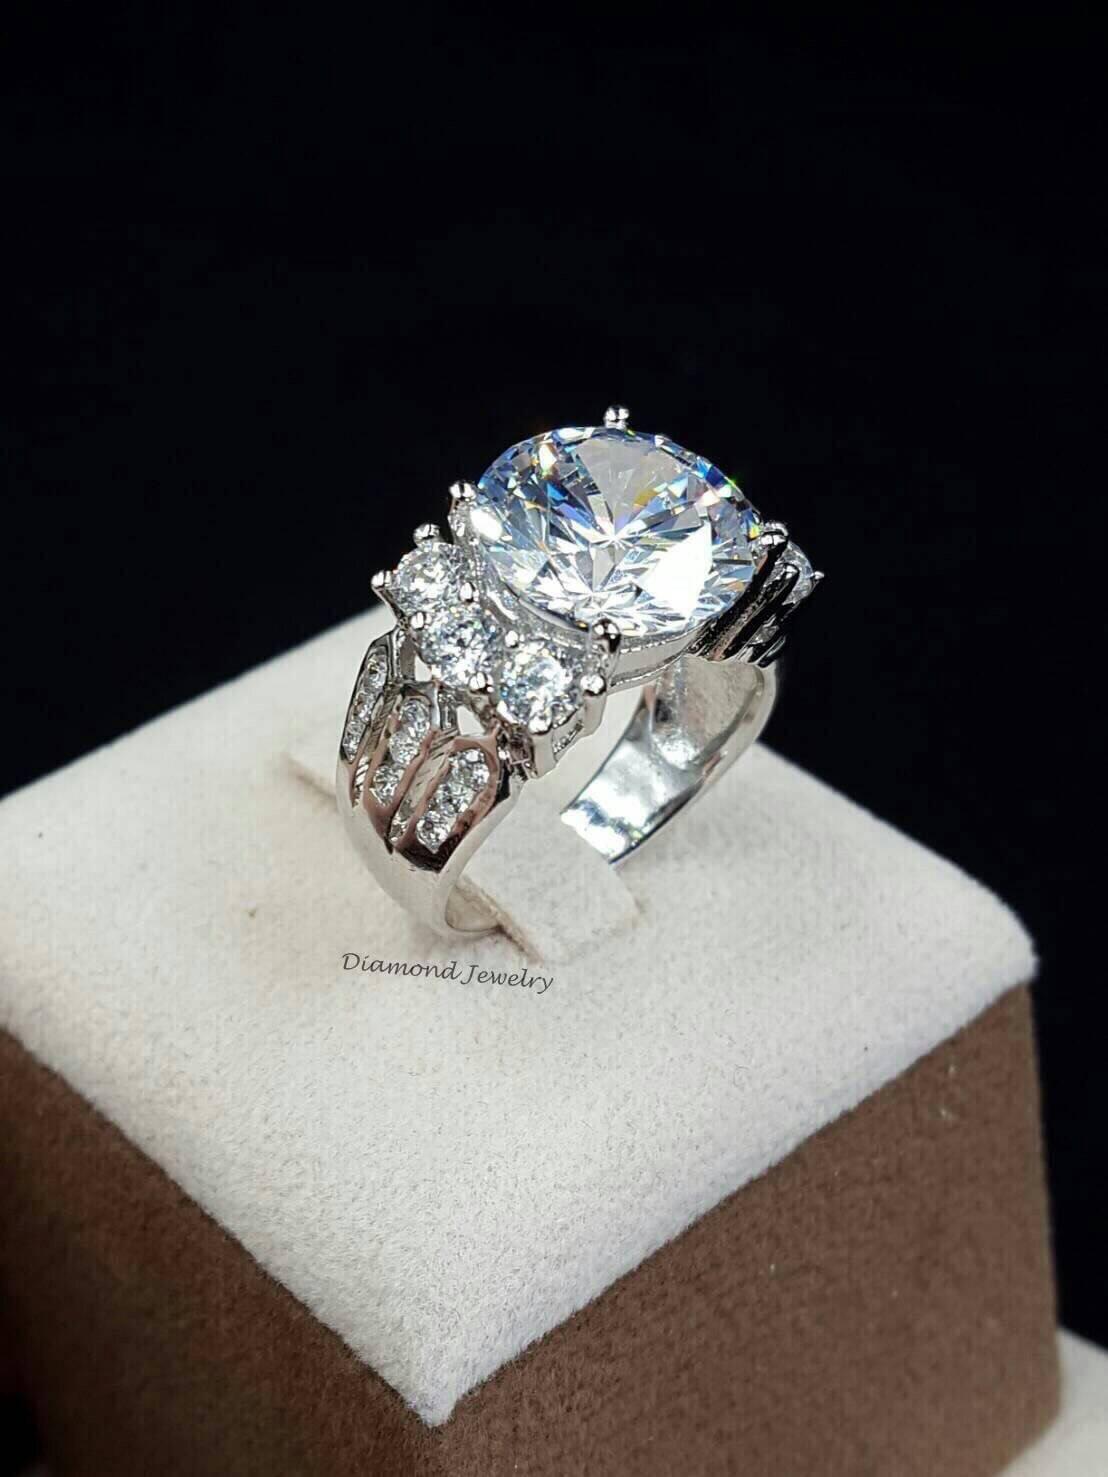 พร้อมส่ง แหวนเพชร Madawaska ((เพชรมาดากัสการ์))